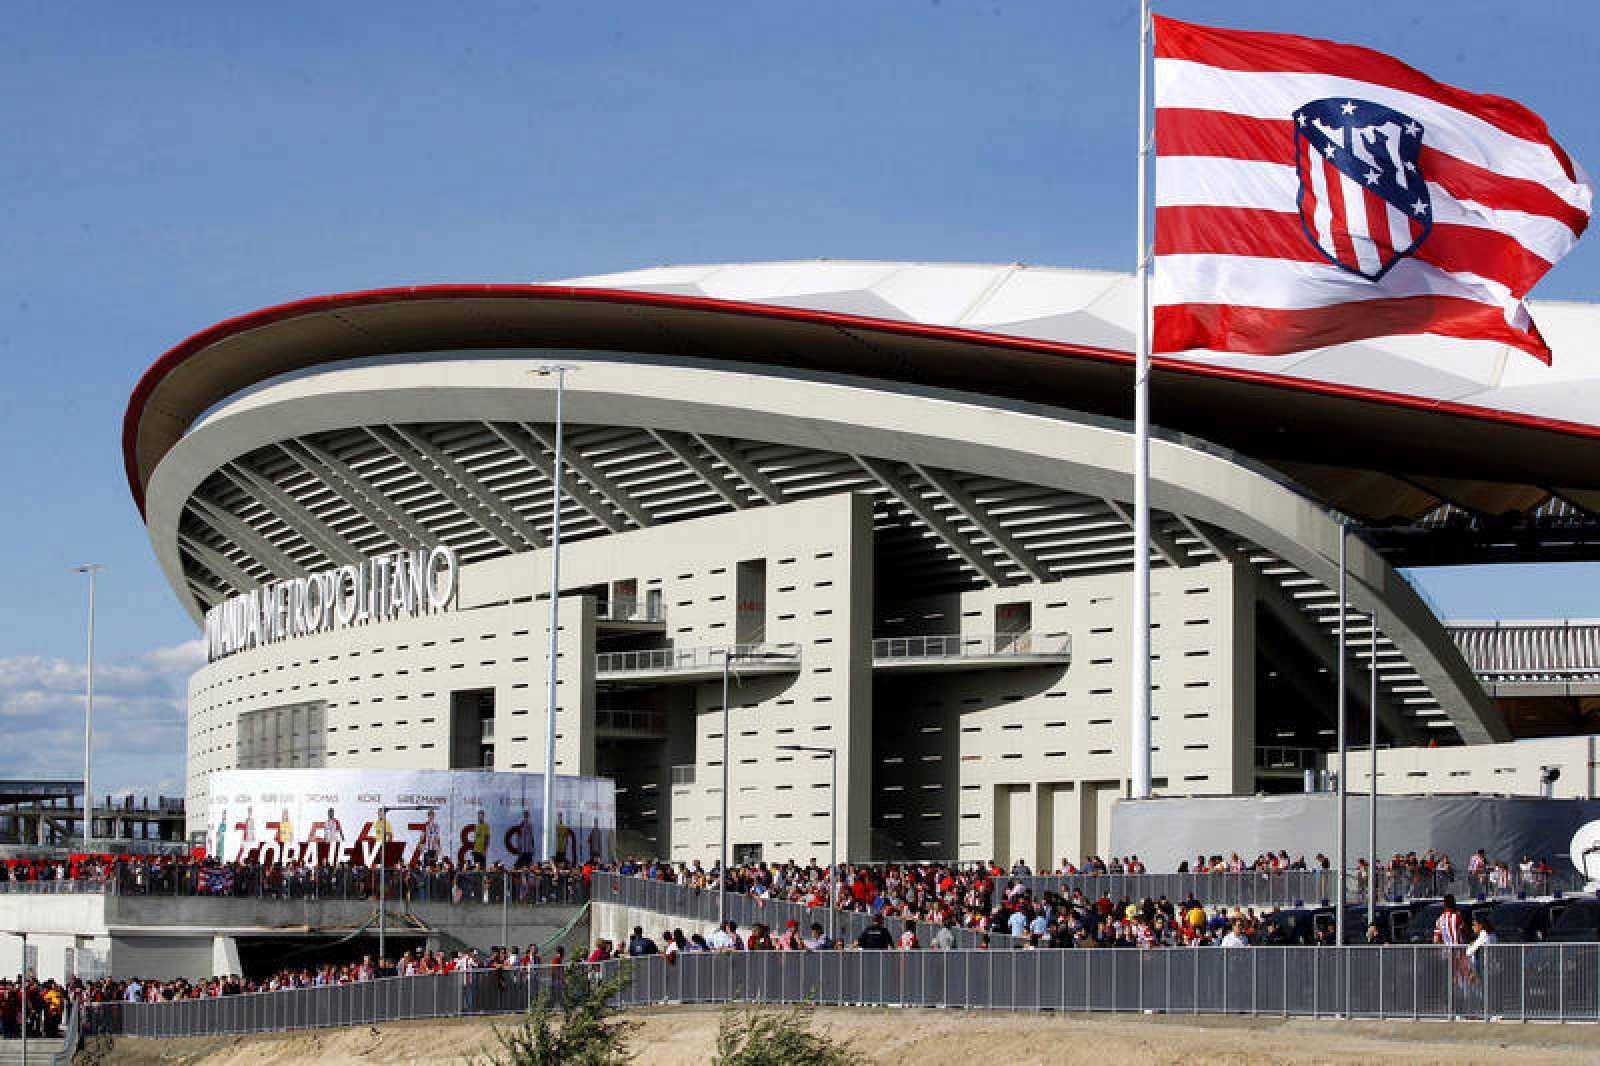 Vista exterior del Wanda Metropolitano, nuevo estadio del Atlético de Madrid.